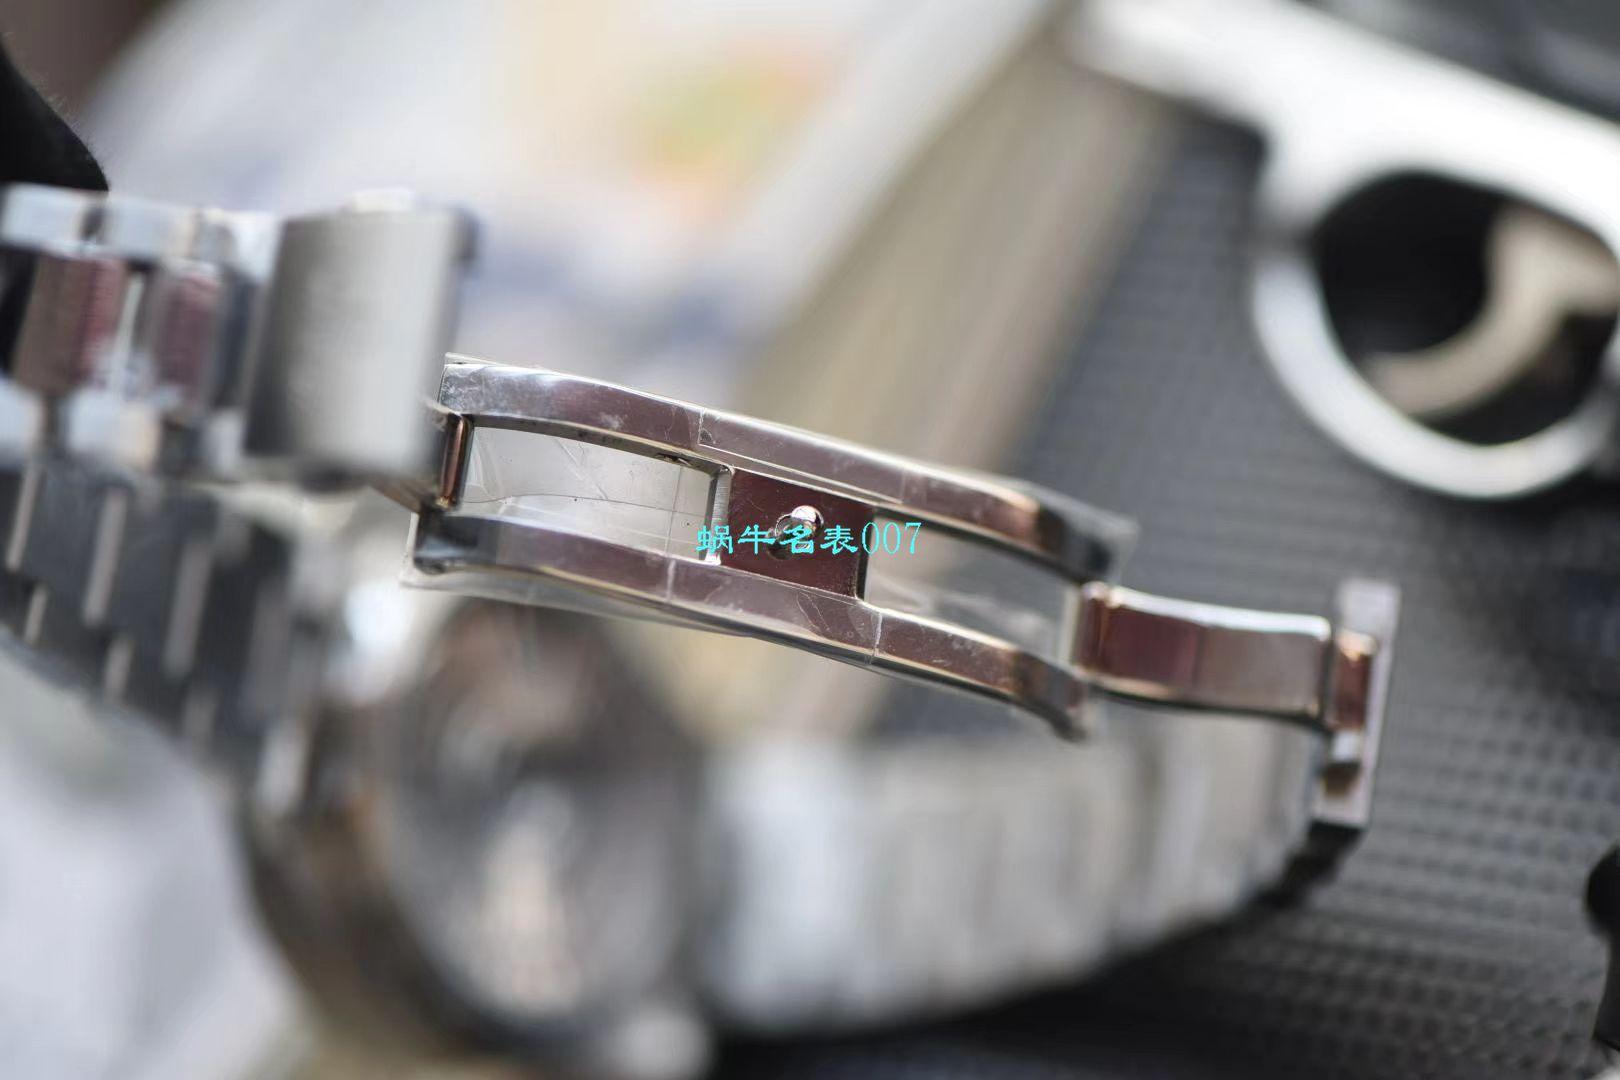 视频评测女装推荐VS厂顶级复刻版本OMEGA欧米茄海马AQUA TERRA 150米新款 / M672